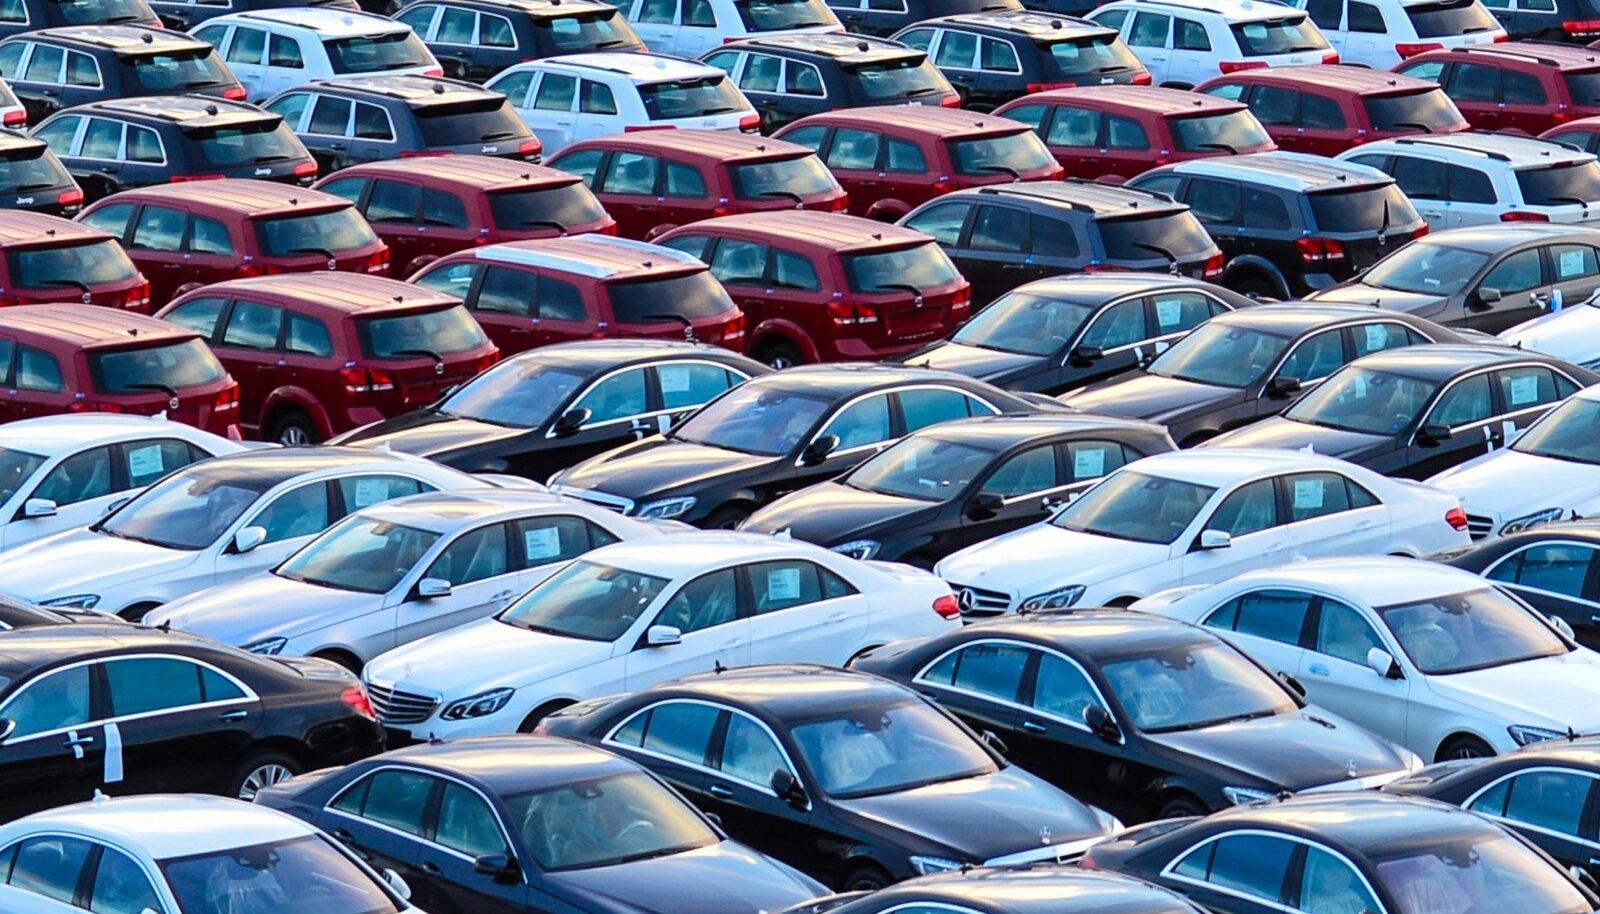 Uue sihtotstarbelise toetuse kehtestamine eeldab ka bürokraatlikku lisamehhanismi, võib-olla lausa mingit spetsiaalset autotoetuste komisjoni, mille saab oma poliitbroileritega mehitada.